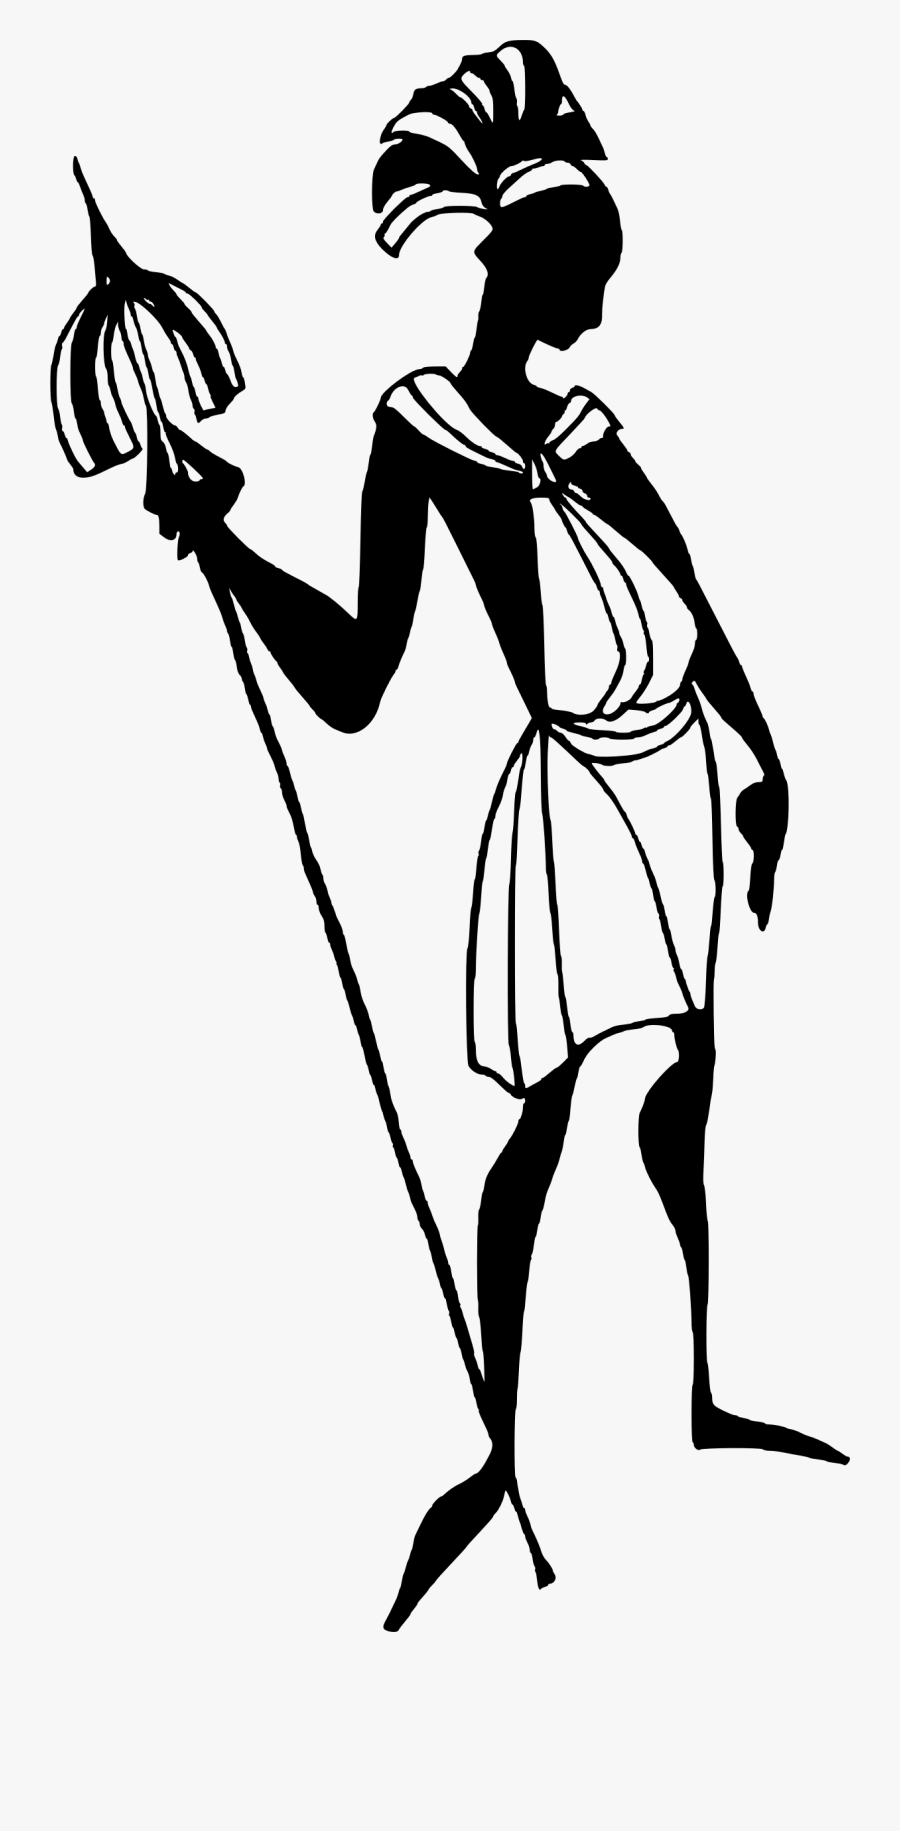 Clip African Drawing Person - Codigos Morales Del Pasado, Transparent Clipart